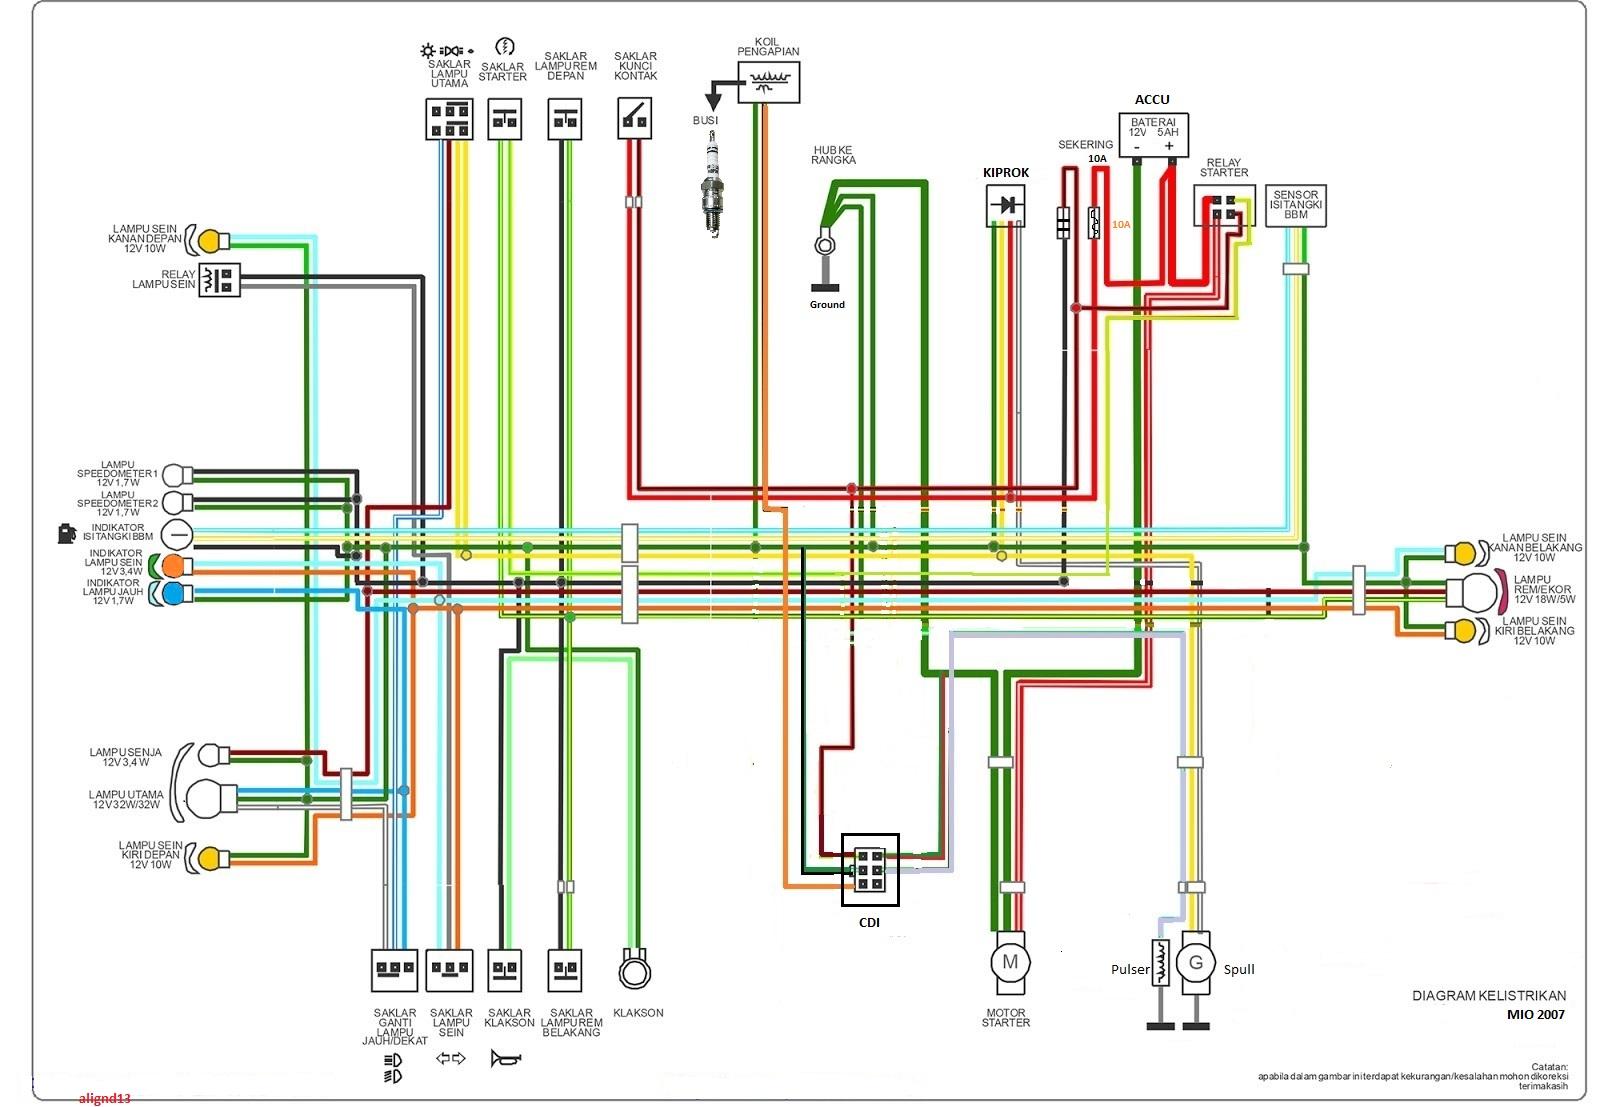 ILMU PENGETAHUAN DASAR MOTOR: Diagram Kelistrikan Mio